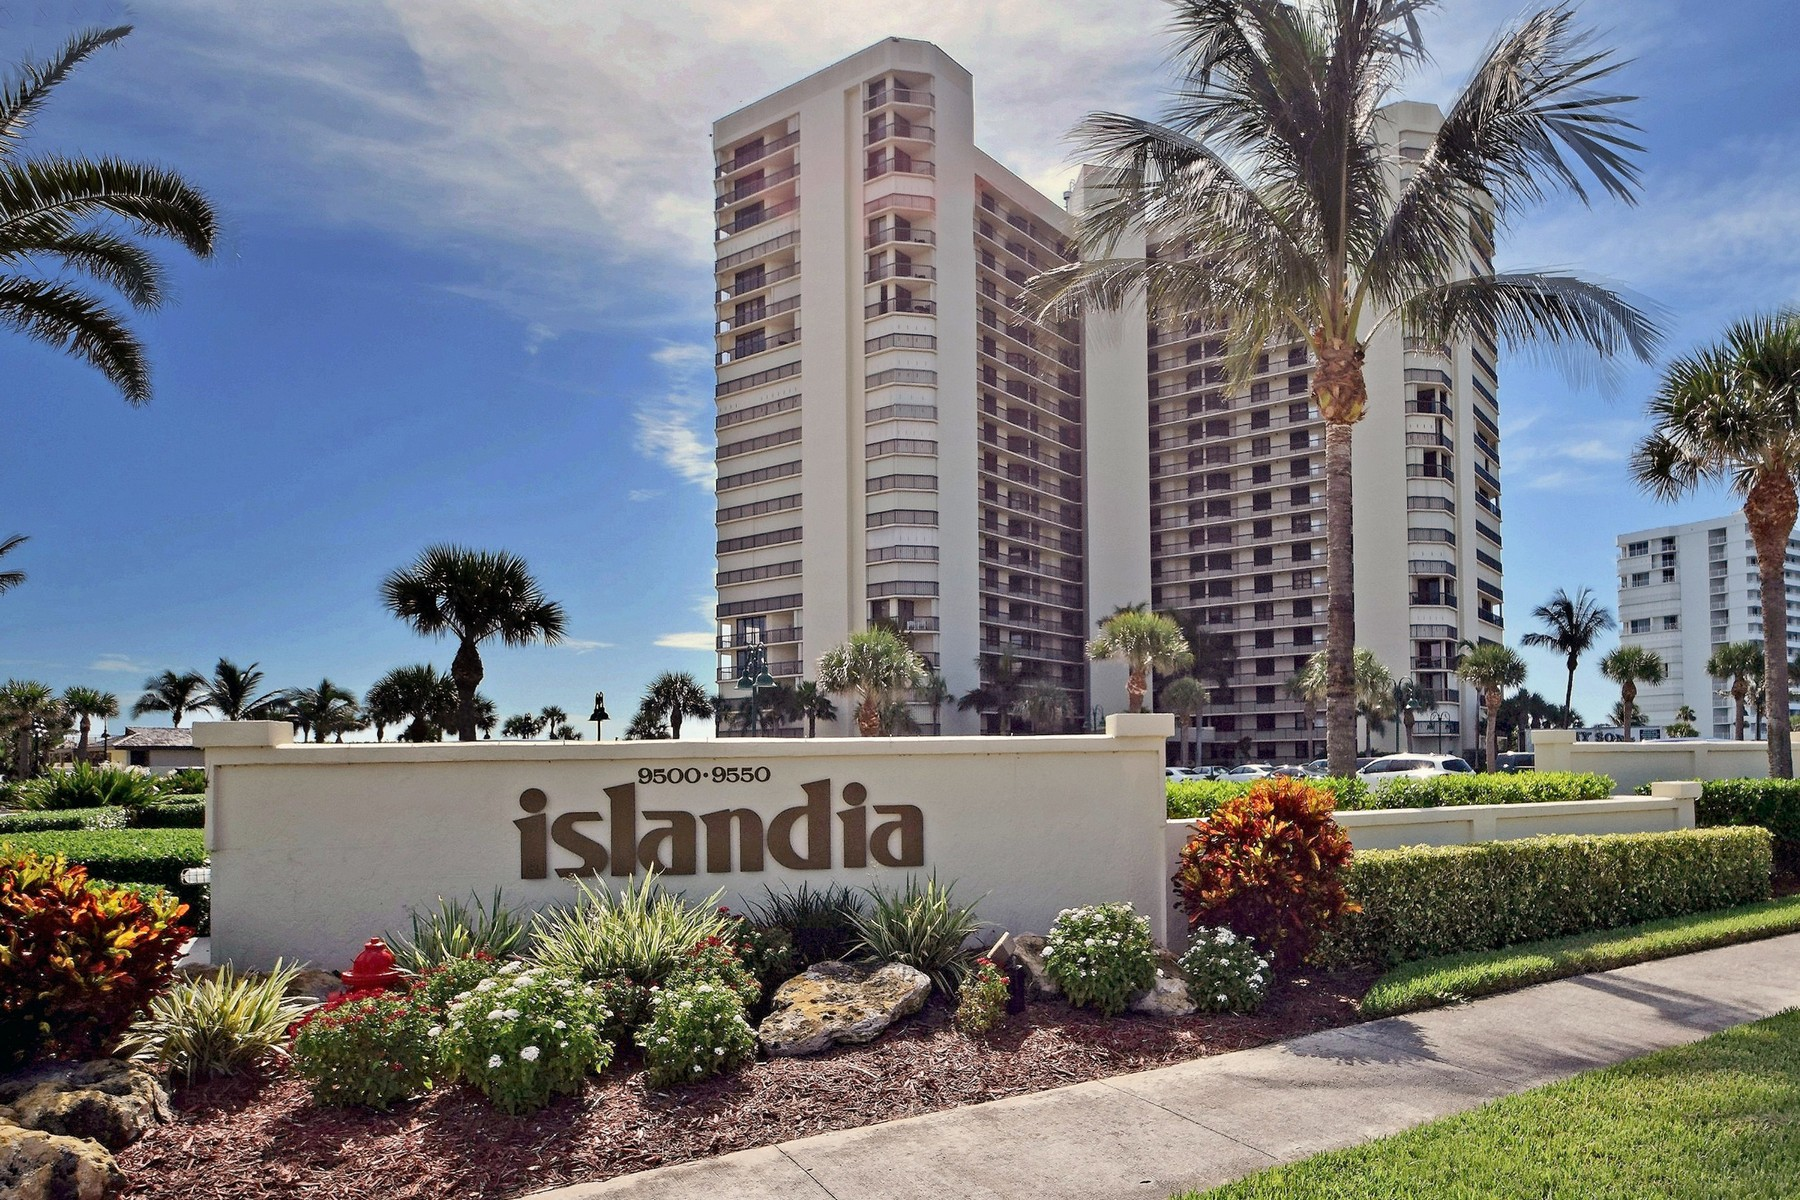 Кондоминиум для того Продажа на Islandia Penthouse Condo 9500 S Ocean Drive PH-08 Jensen Beach, Флорида 34957 Соединенные Штаты